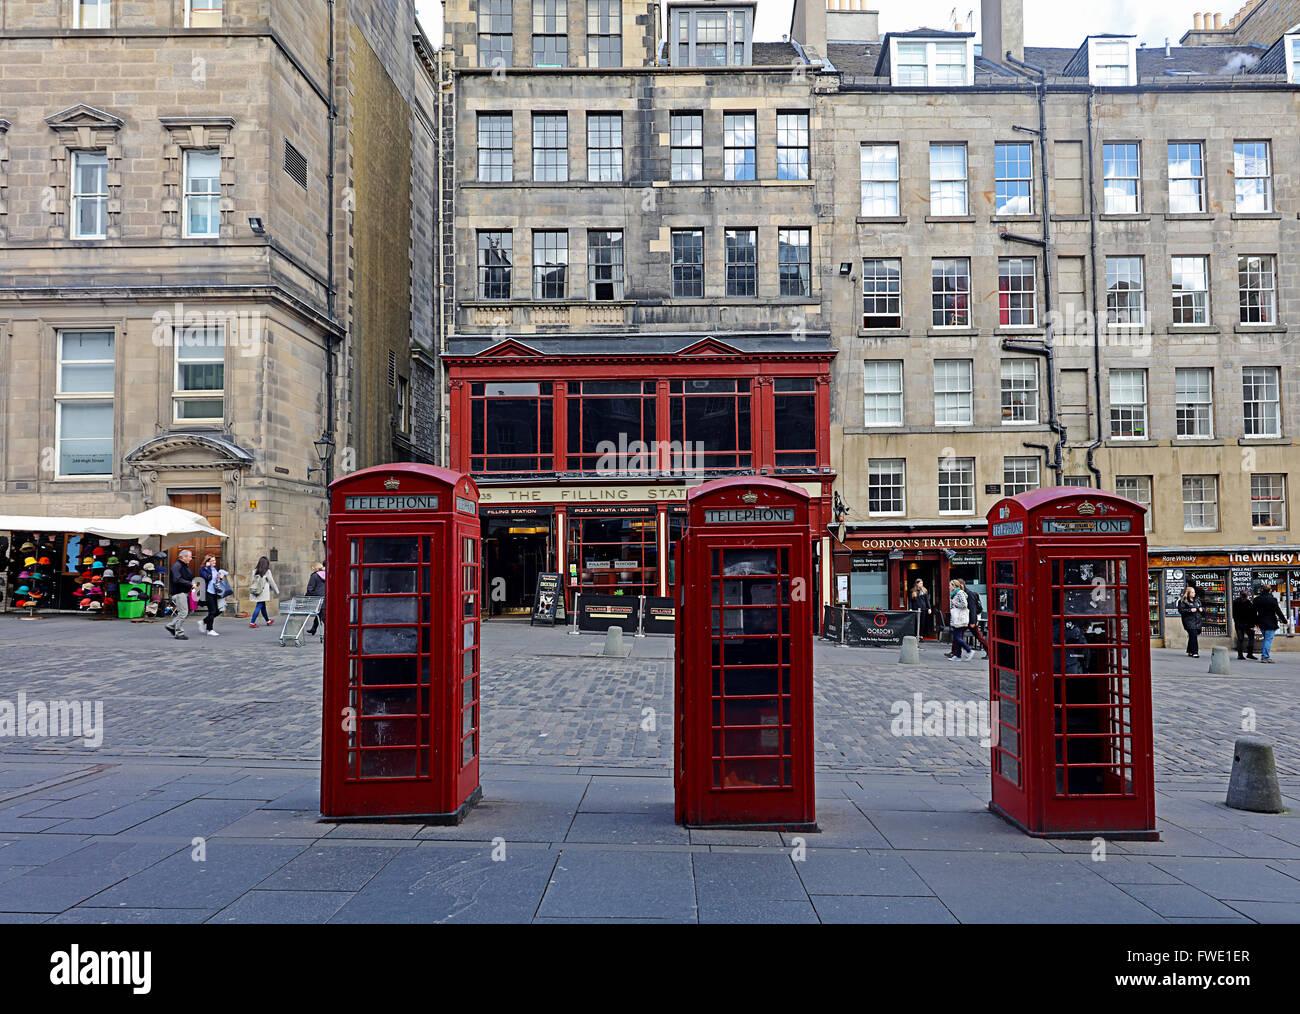 Telephone boxes.Royal mile.Edinburgh.Scotland.UK Stock Photo